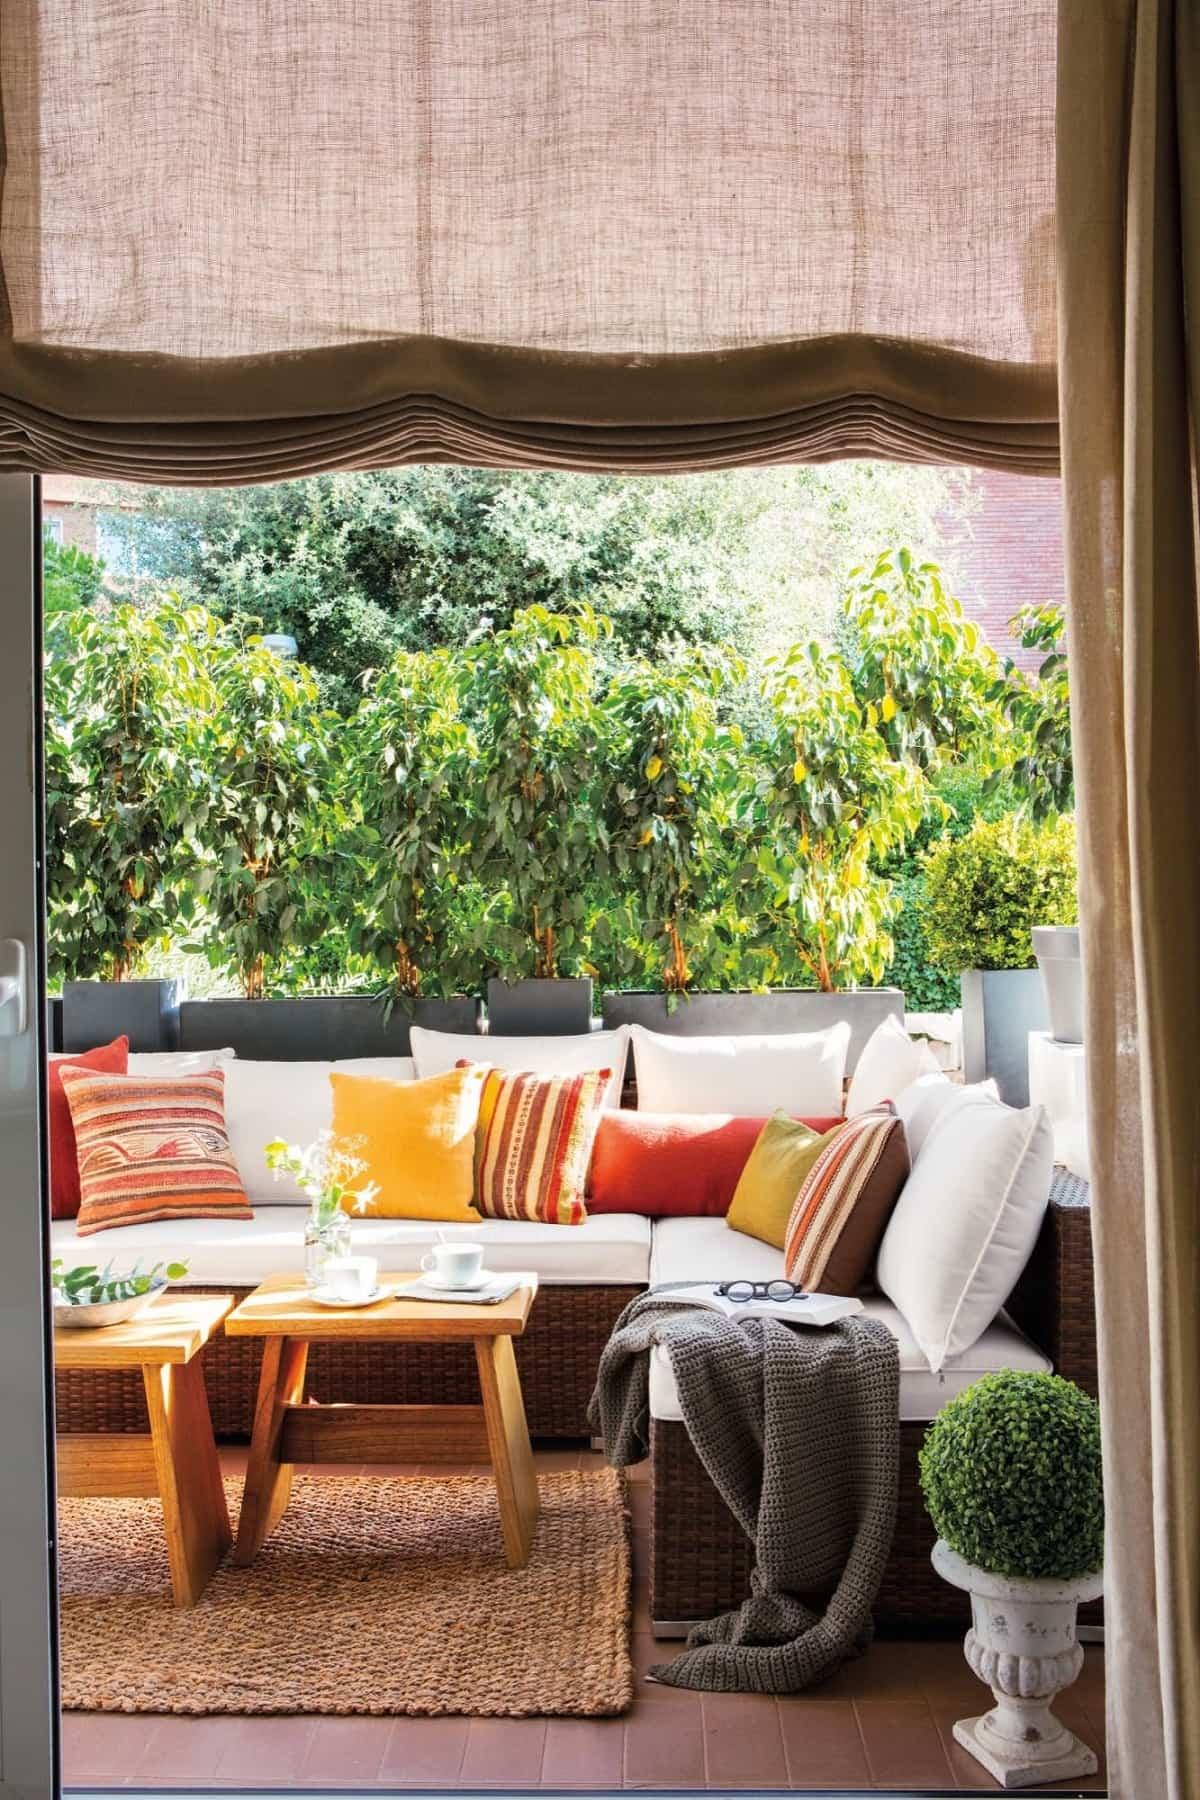 claves para elegir las mejores telas de exterior para la terraza 3